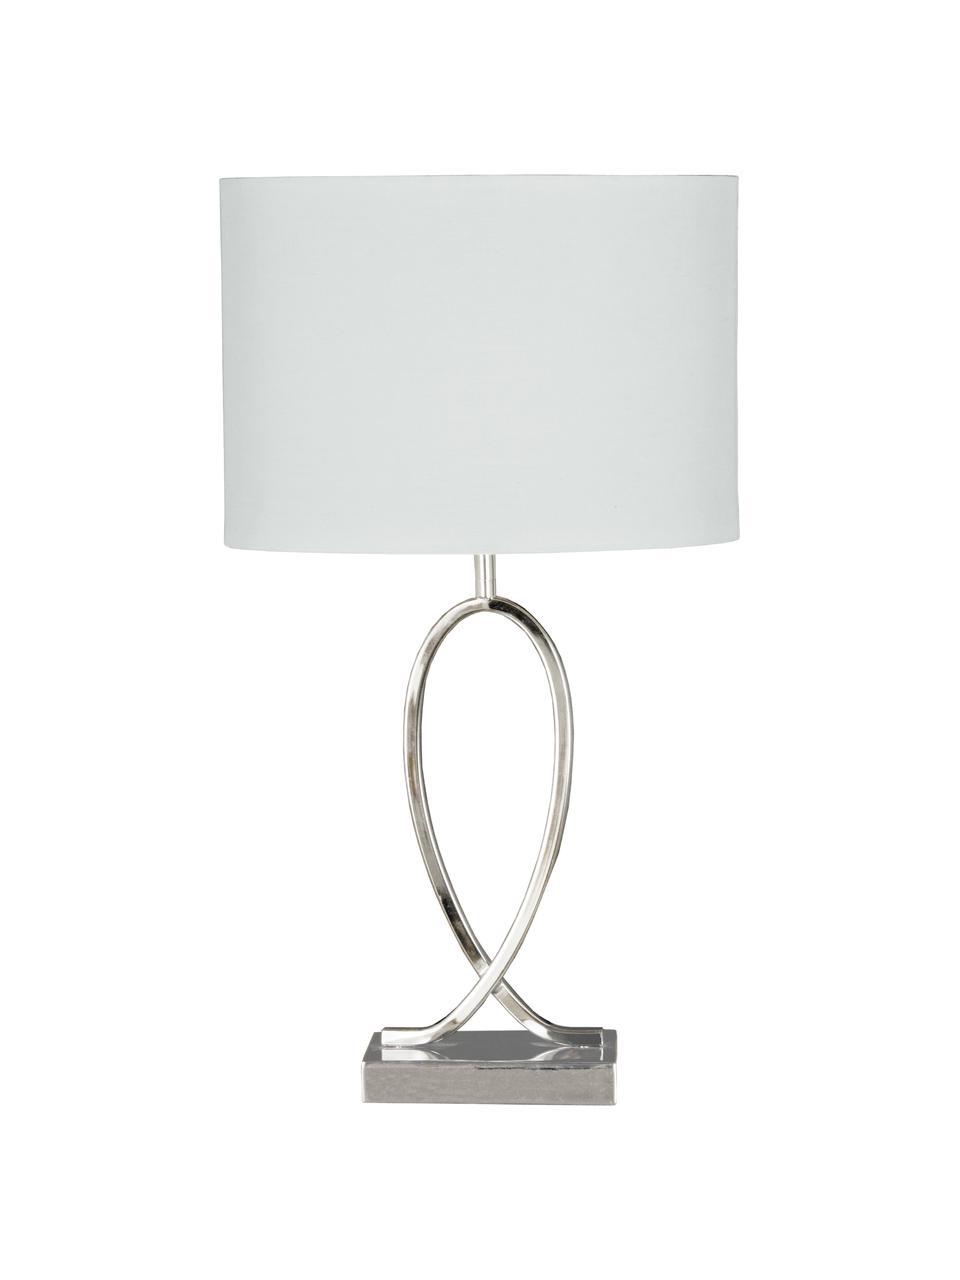 Große Tischlampe Posh mit ovalem Schirm, Lampenschirm: 40% Acryl, 60% Polyester, Lampenfuß: Metall, verchromt, Chrom, Weiß, 30 x 54 cm